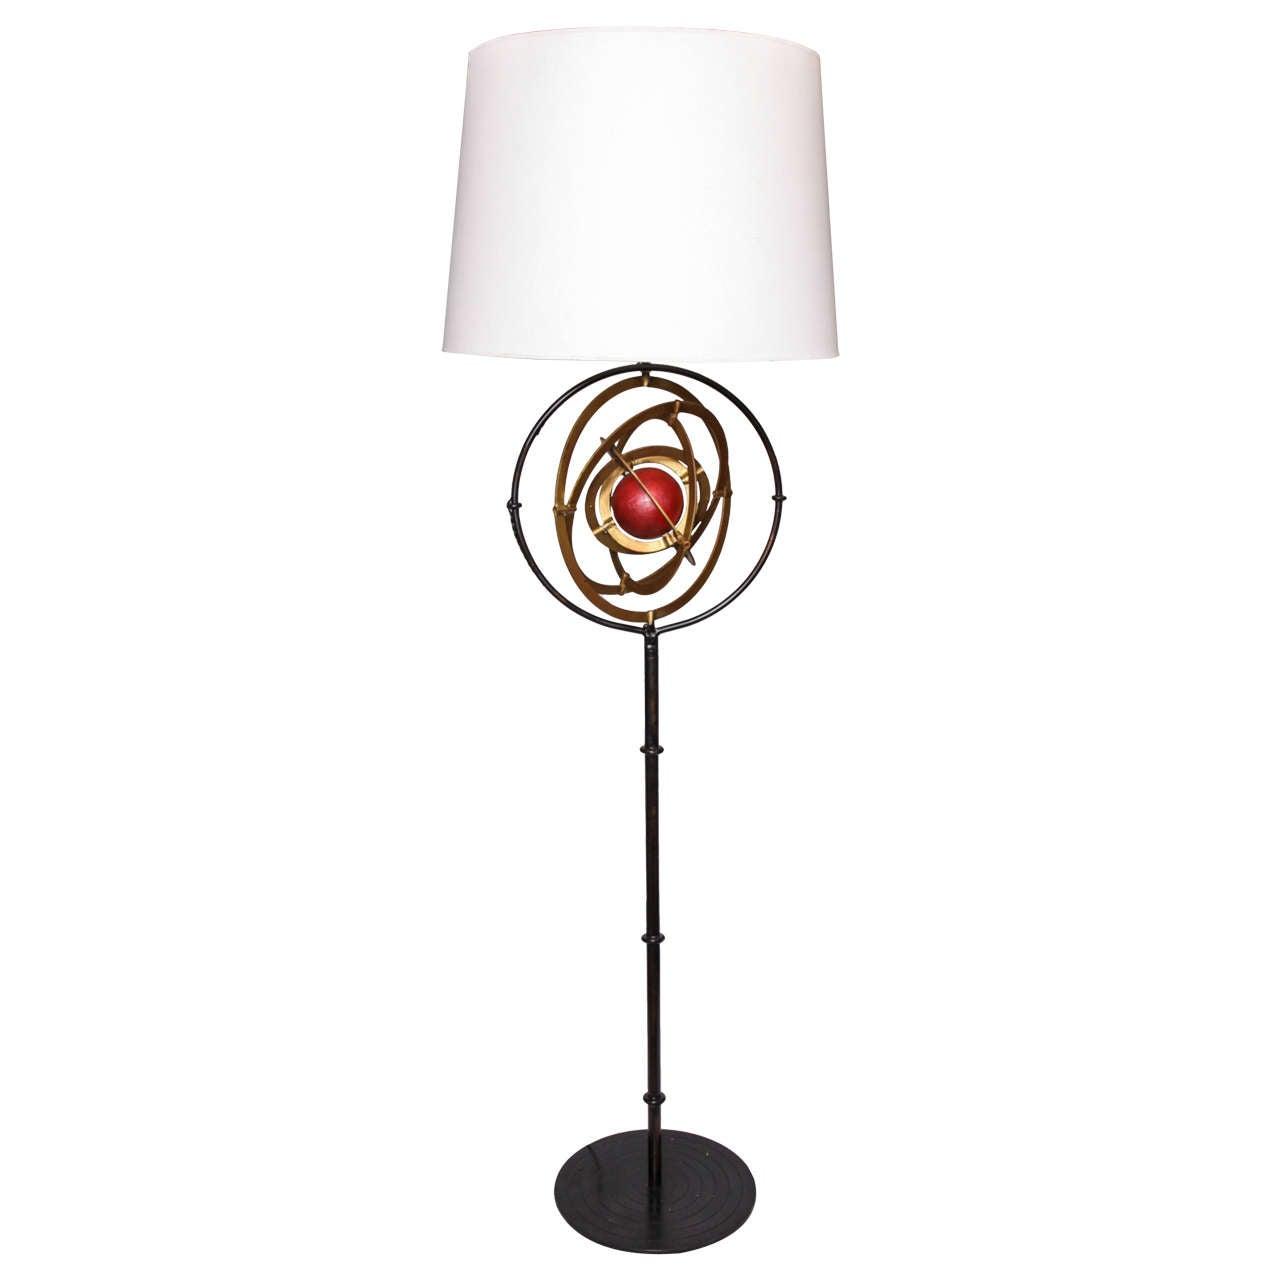 1940s French Art Moderne Celestial Floor Lamp